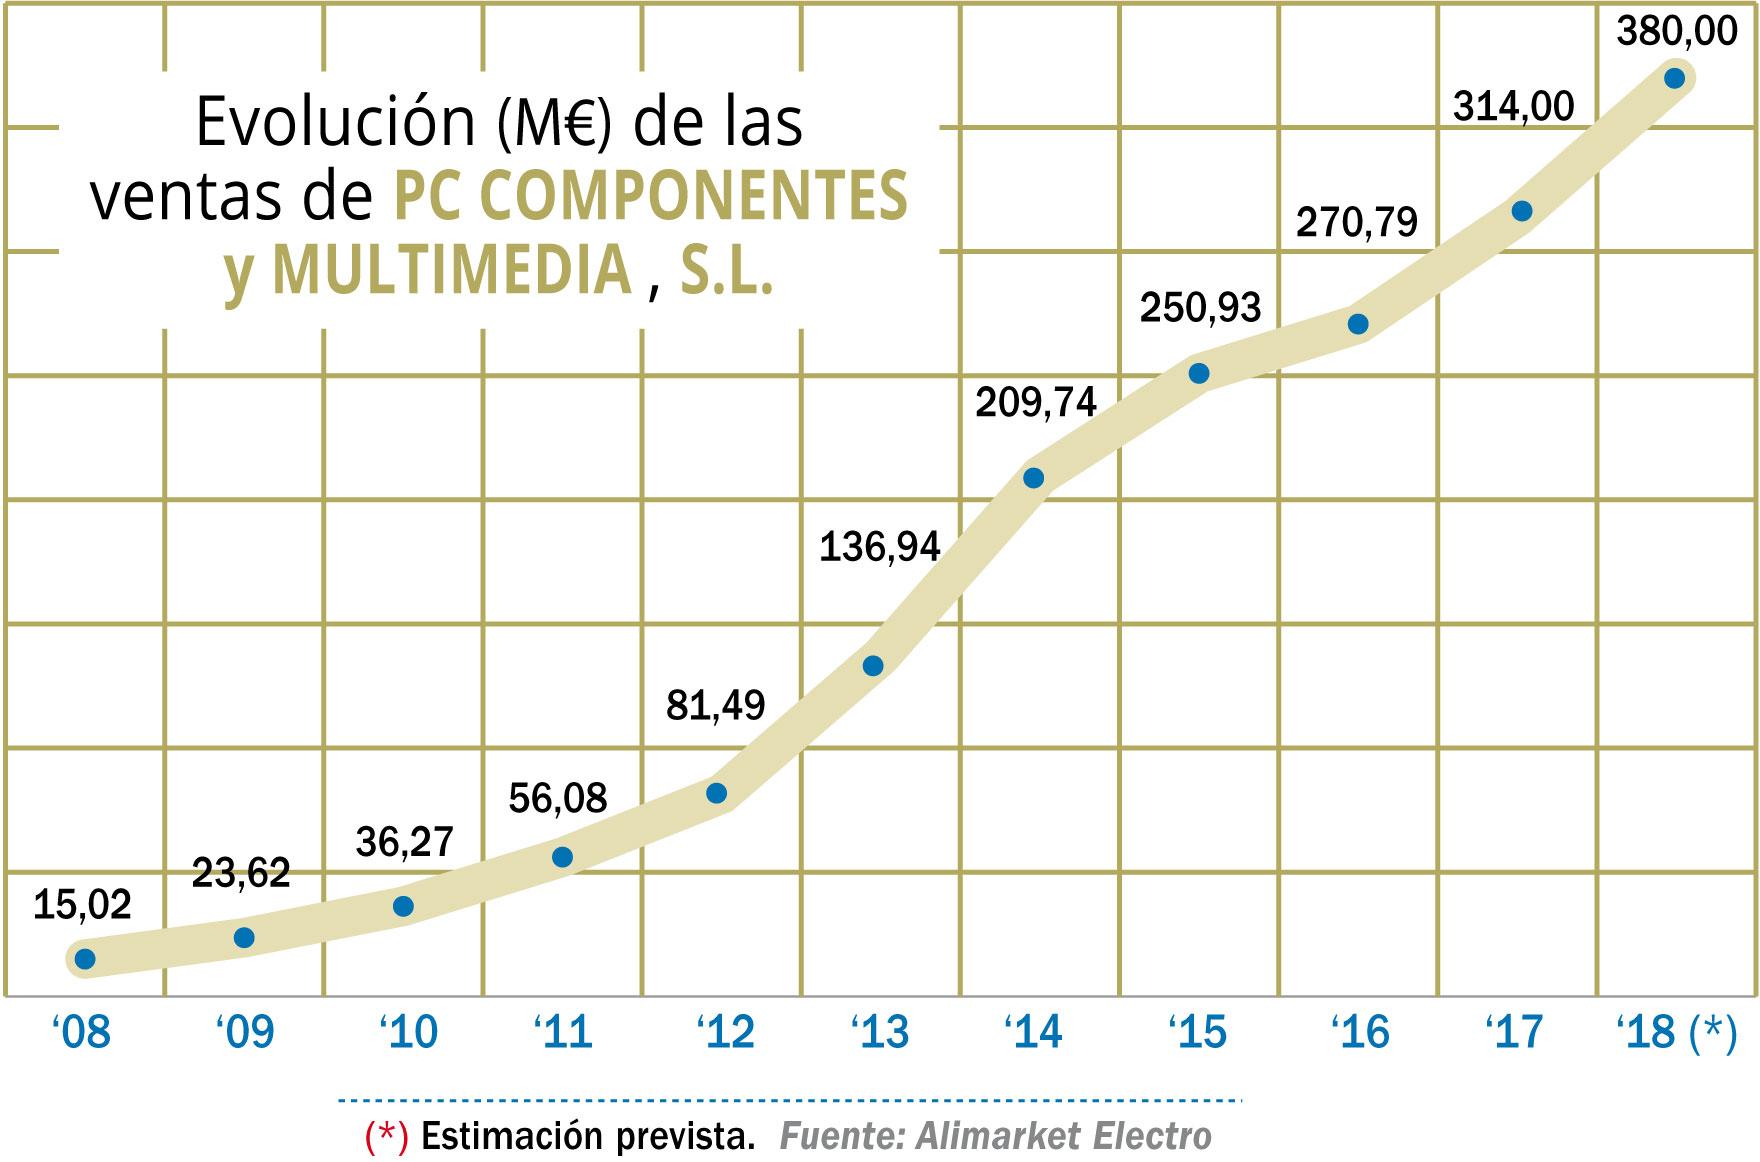 Evolución (M€) de las ventas de PC COMPONENTES y MULTIMEDIA , S.L.